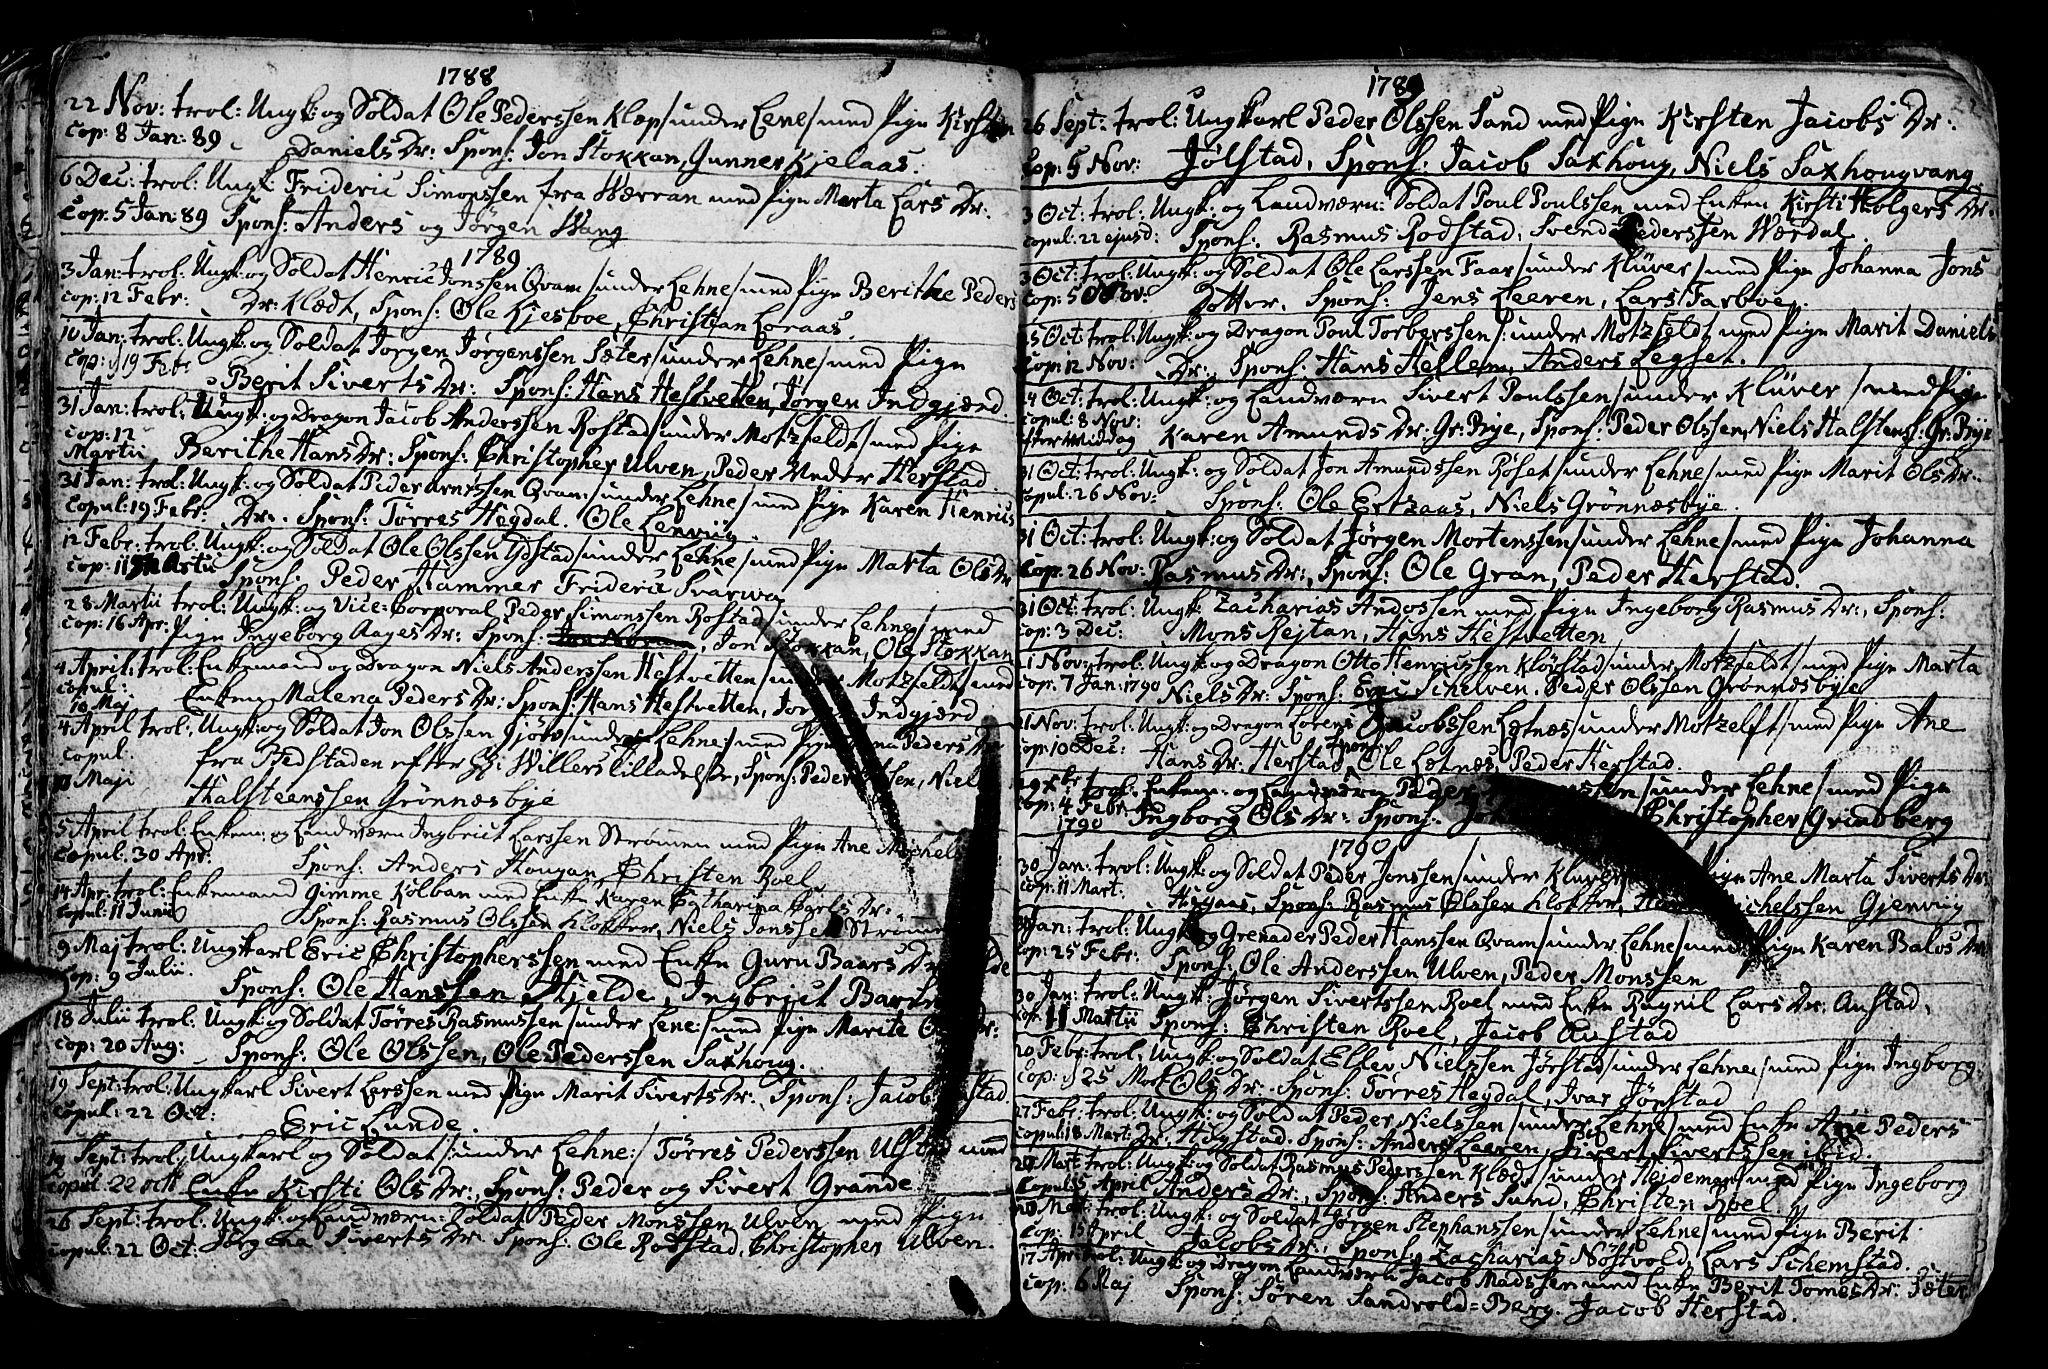 SAT, Ministerialprotokoller, klokkerbøker og fødselsregistre - Nord-Trøndelag, 730/L0273: Ministerialbok nr. 730A02, 1762-1802, s. 22